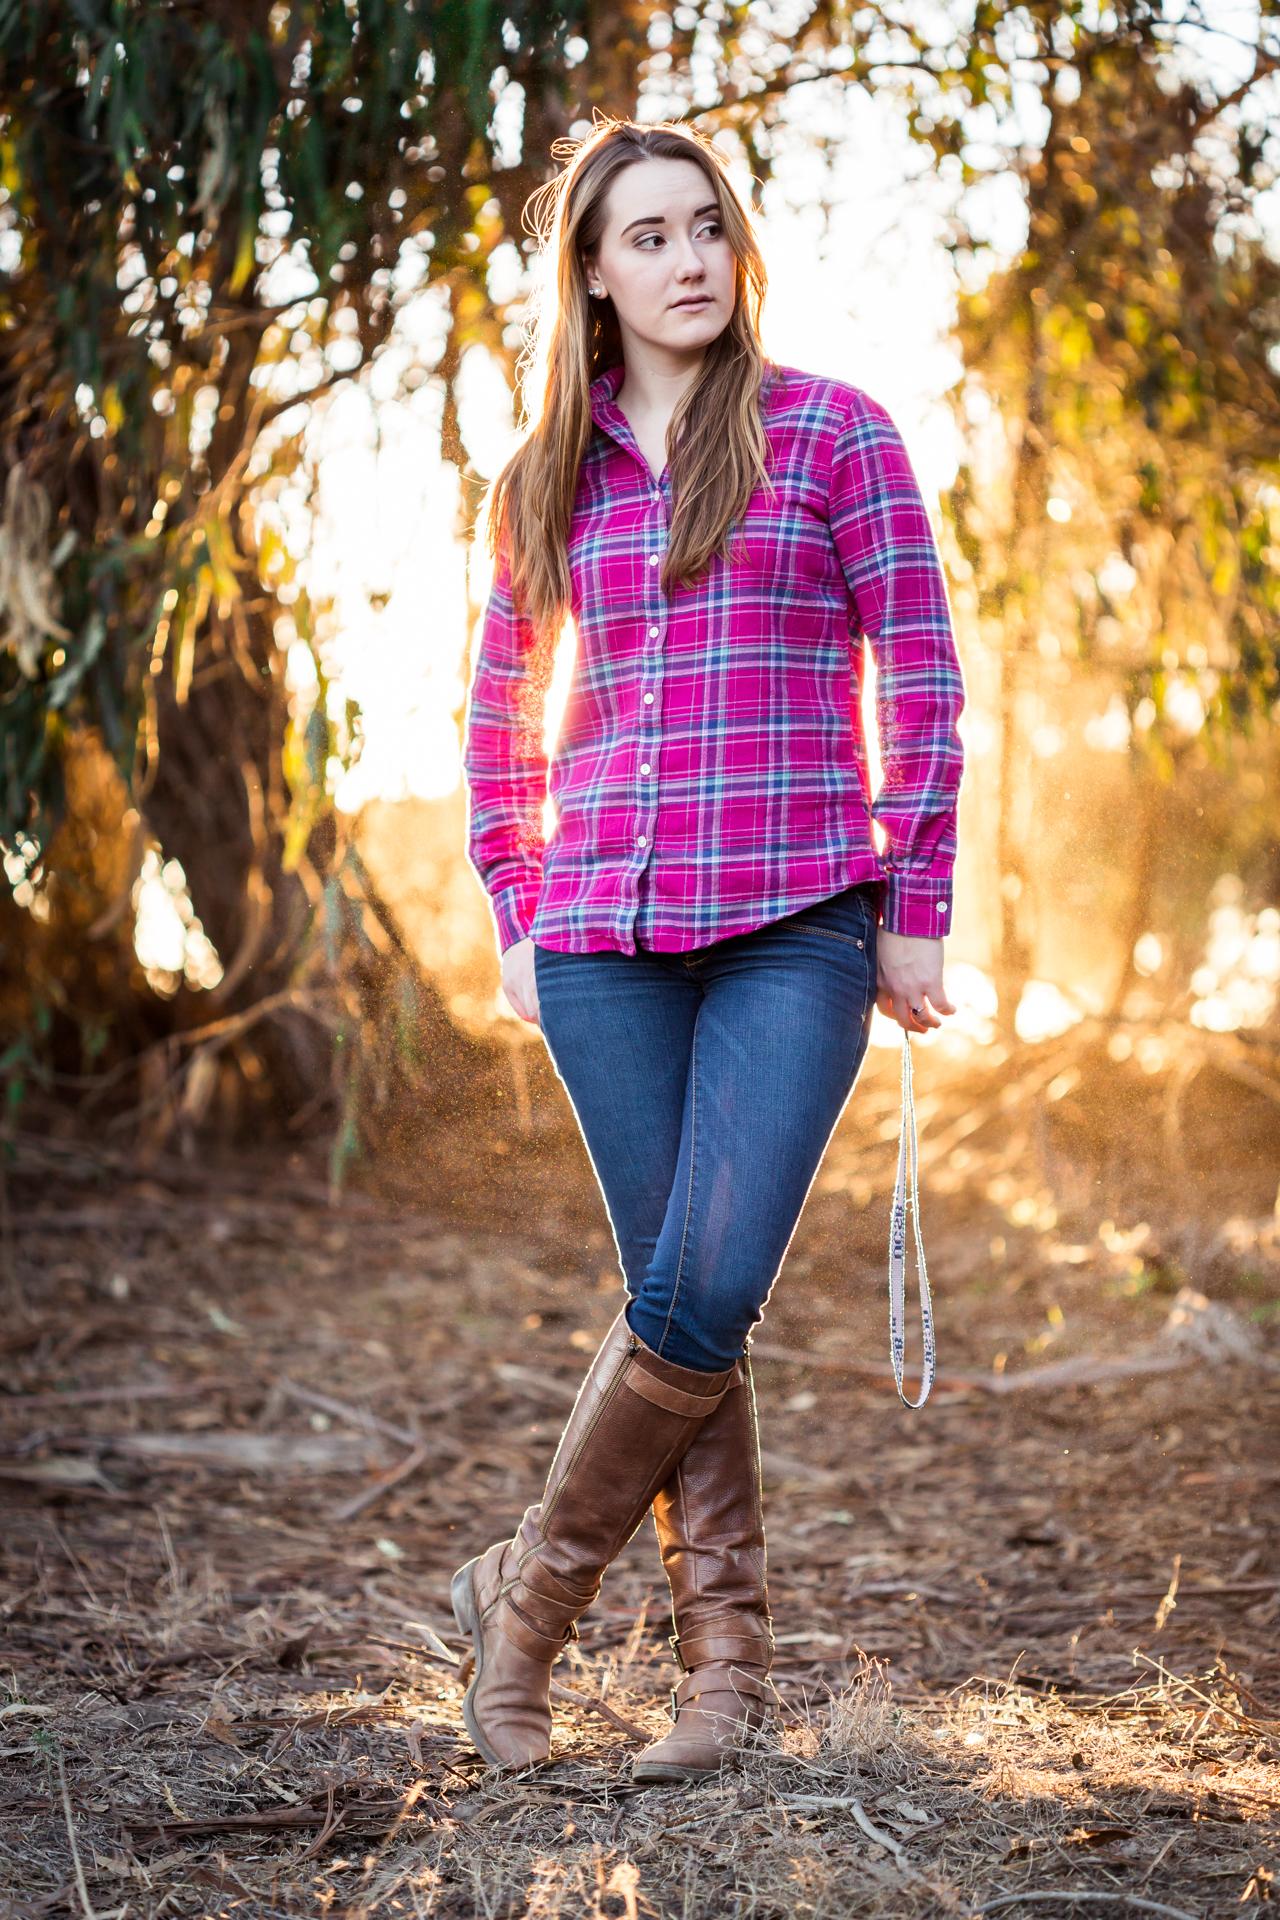 Ellwood-Paige-Me-010914-188-6.jpg